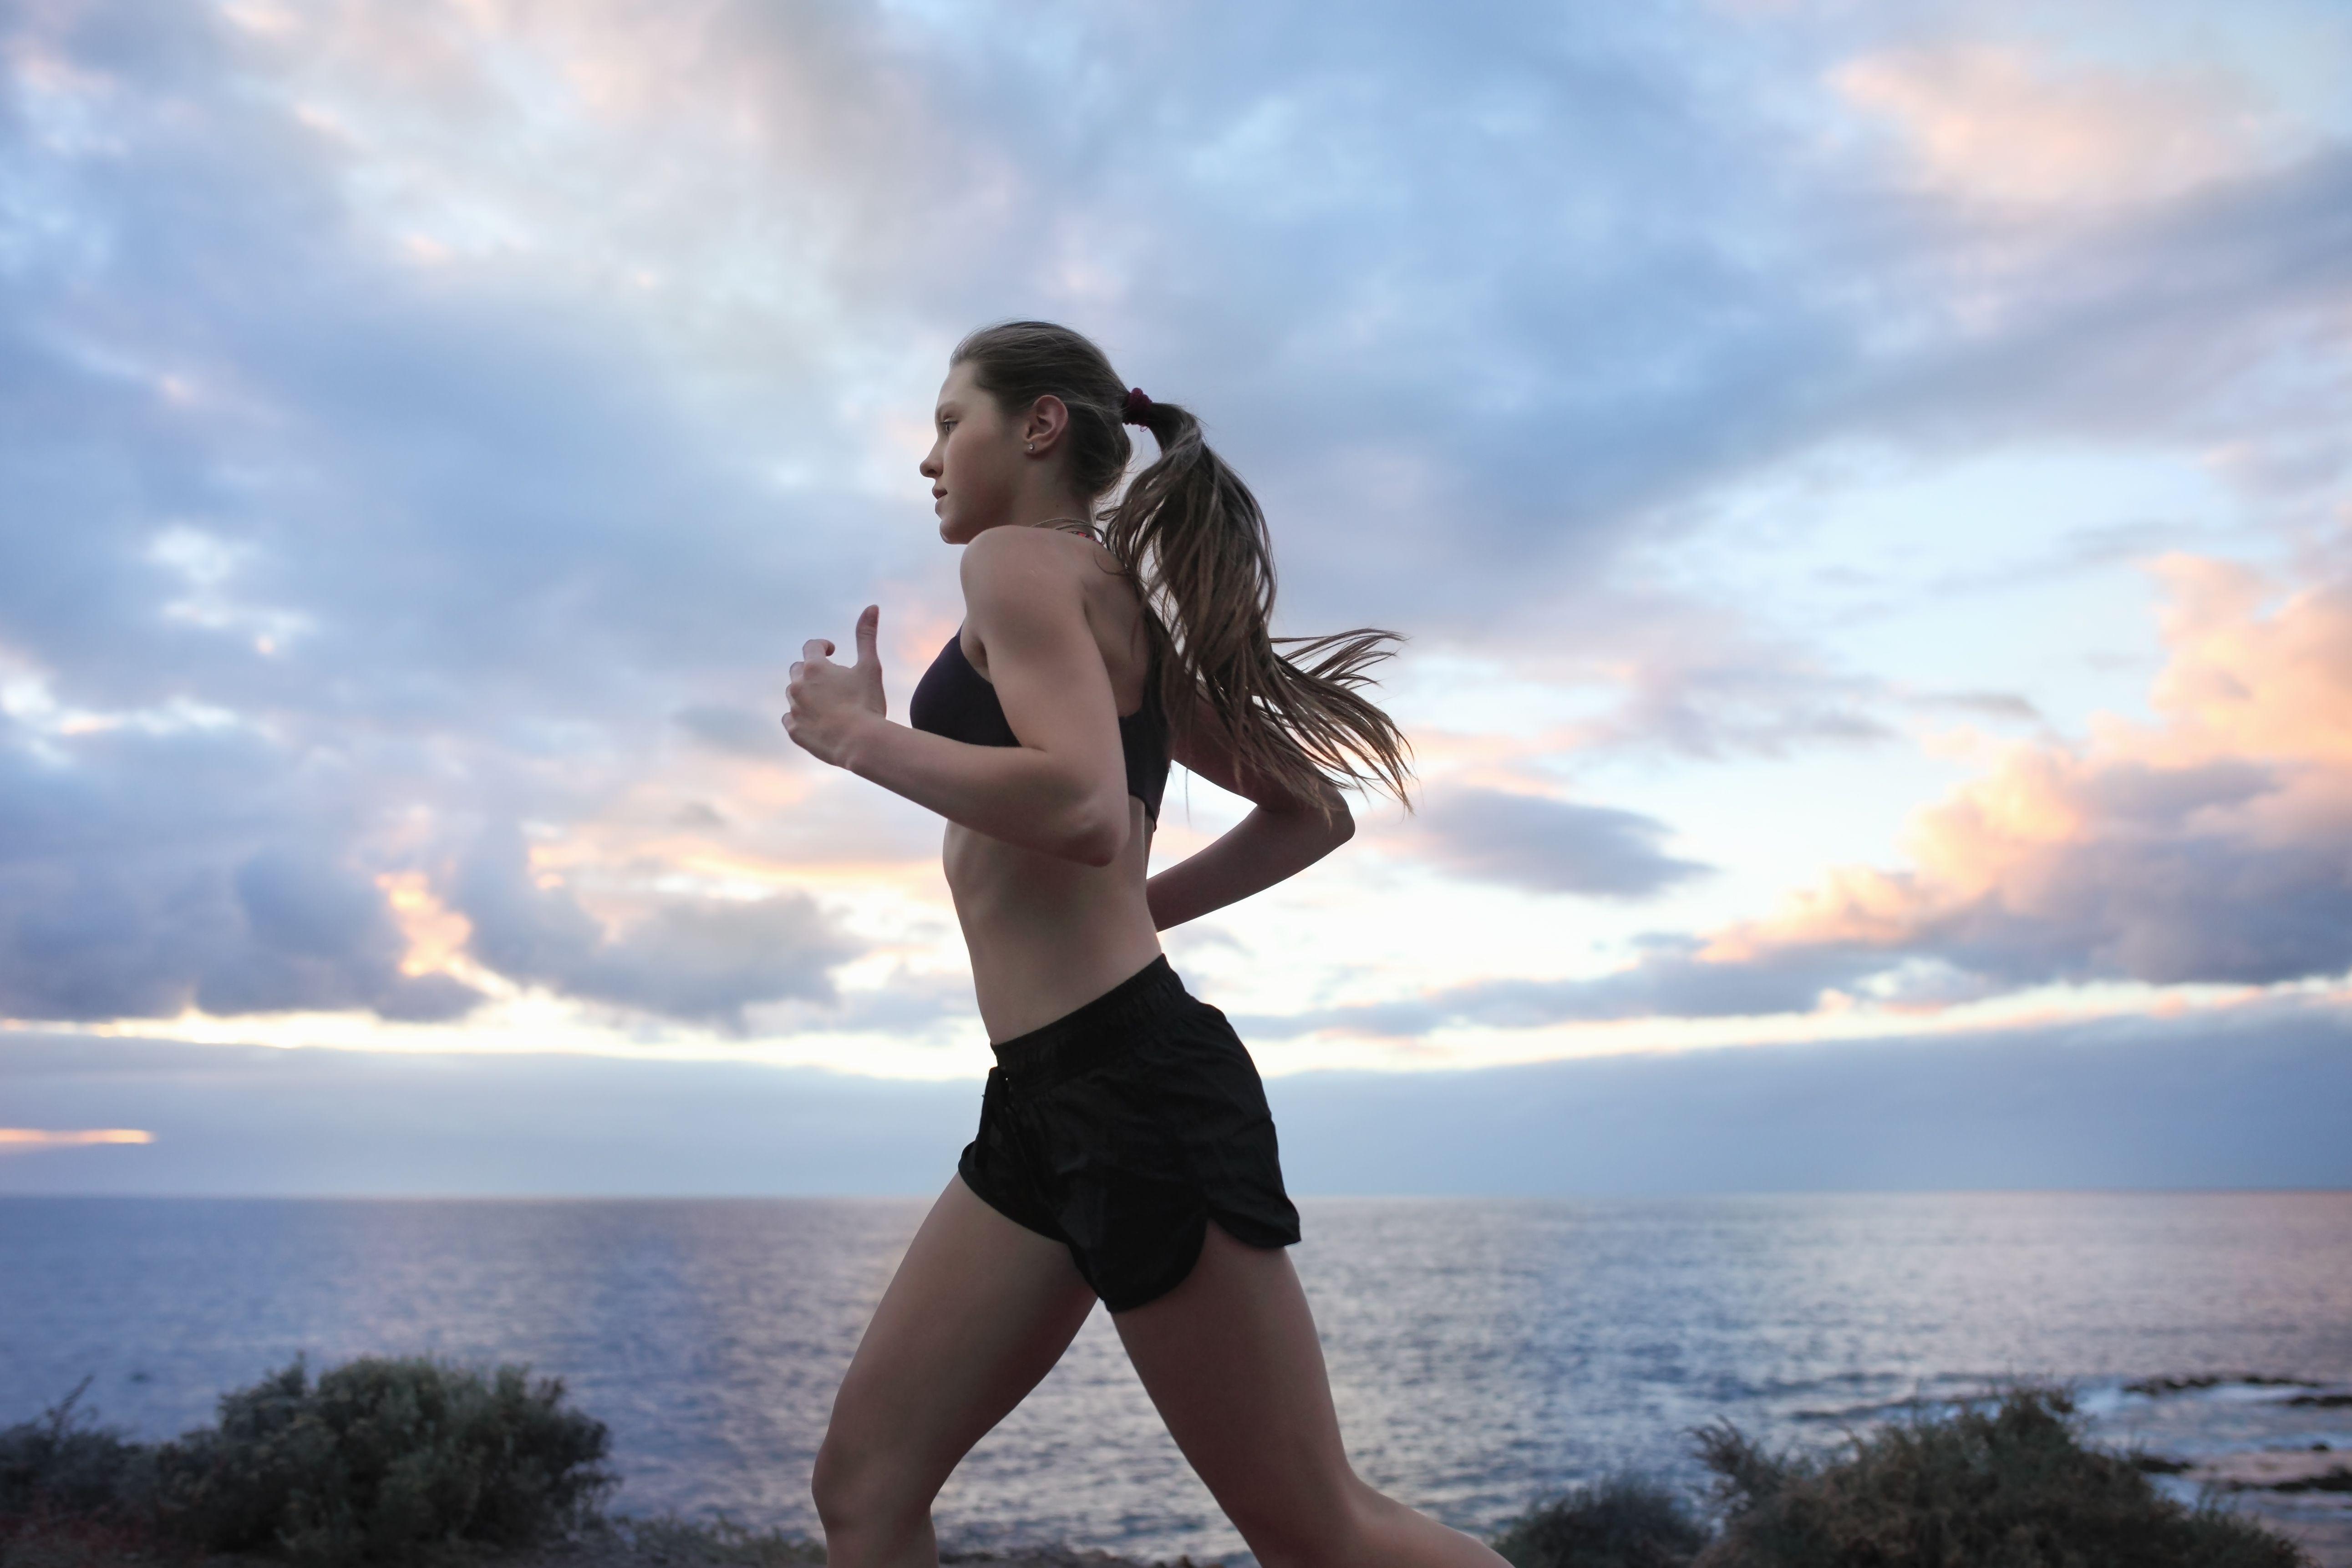 跑步減肥怎麼瘦?跑對時間點和方式瘦身效果提升20%、配合3要訣瘦得更快